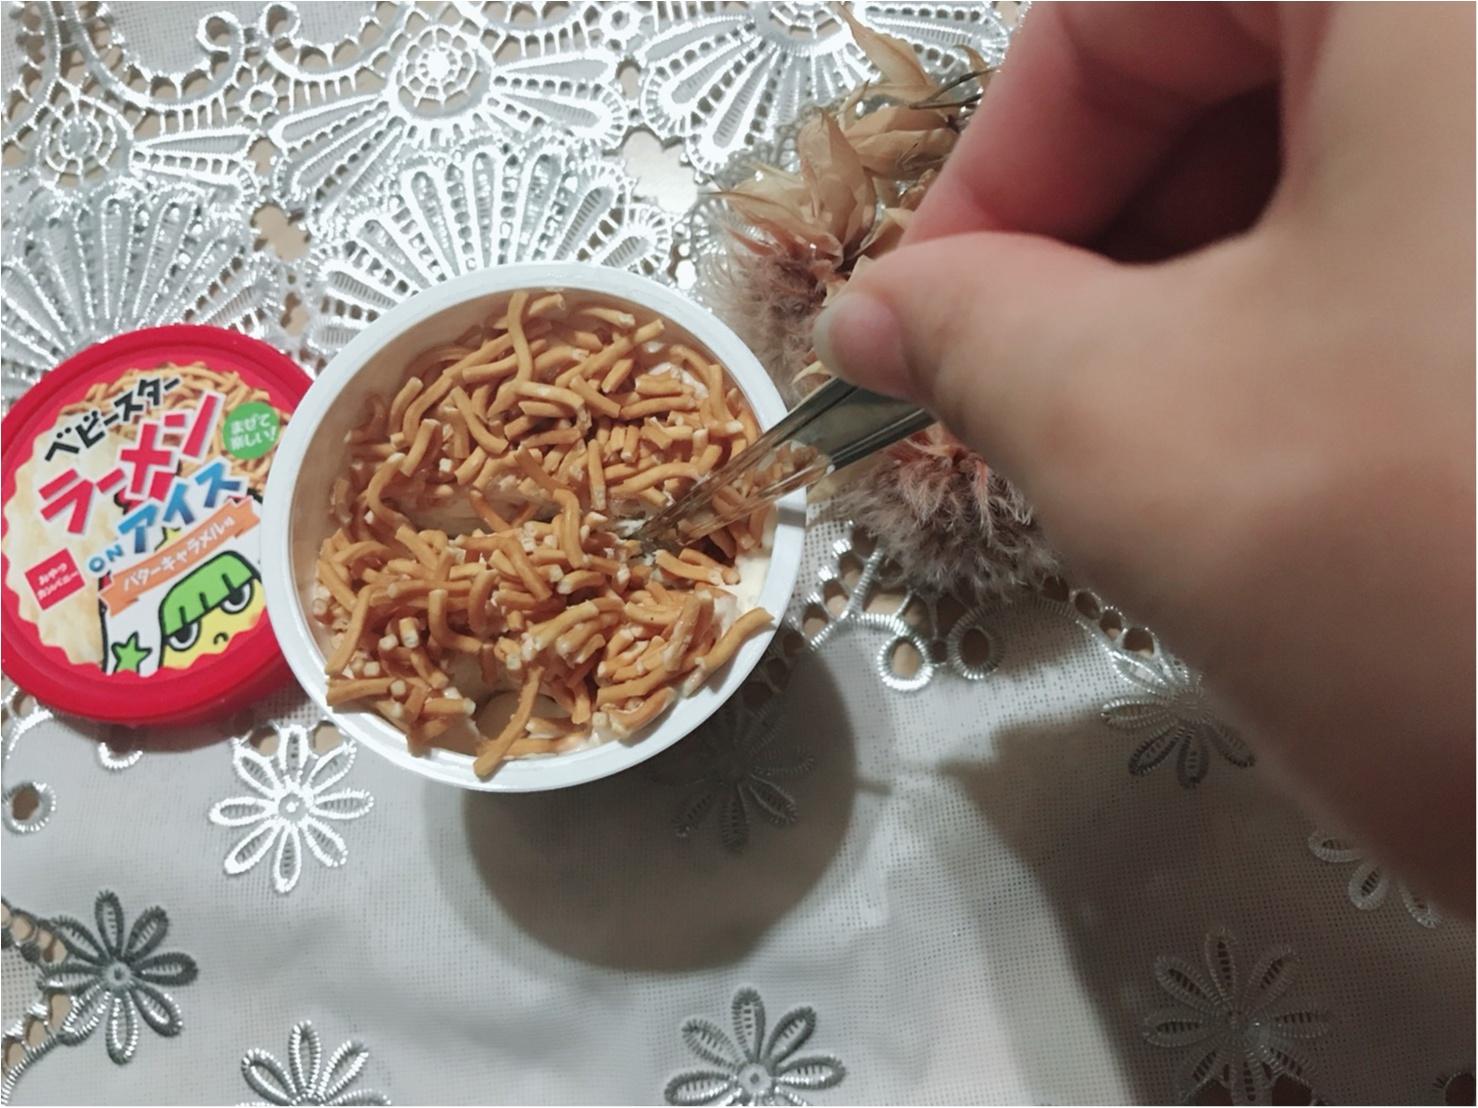 「私は何を食べているんだ?」話題の衝撃作 #ベビースターラーメンonアイス 実食レビュー!あり?なし?_4